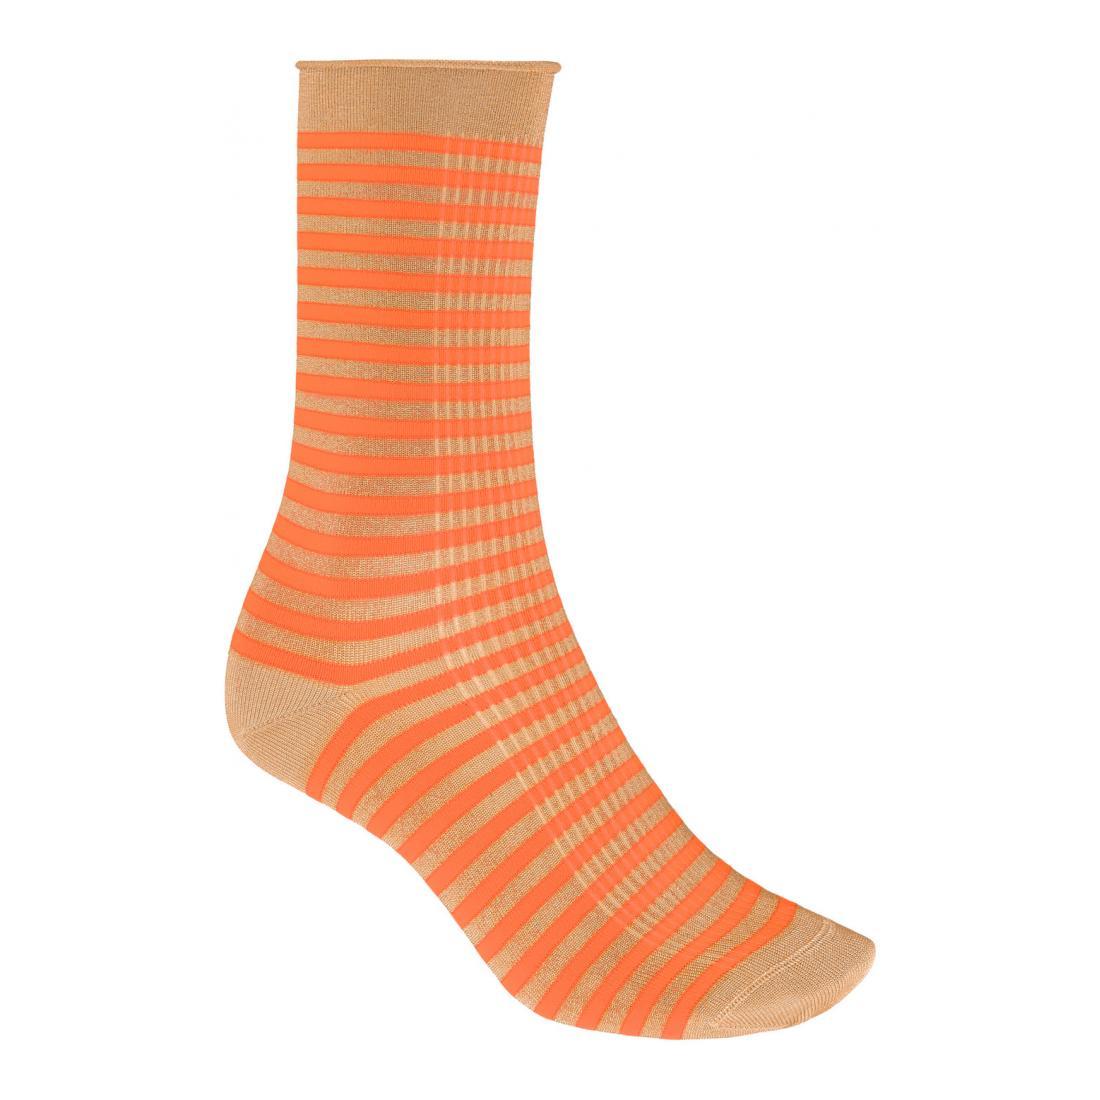 Opus Socken Damen Yolo